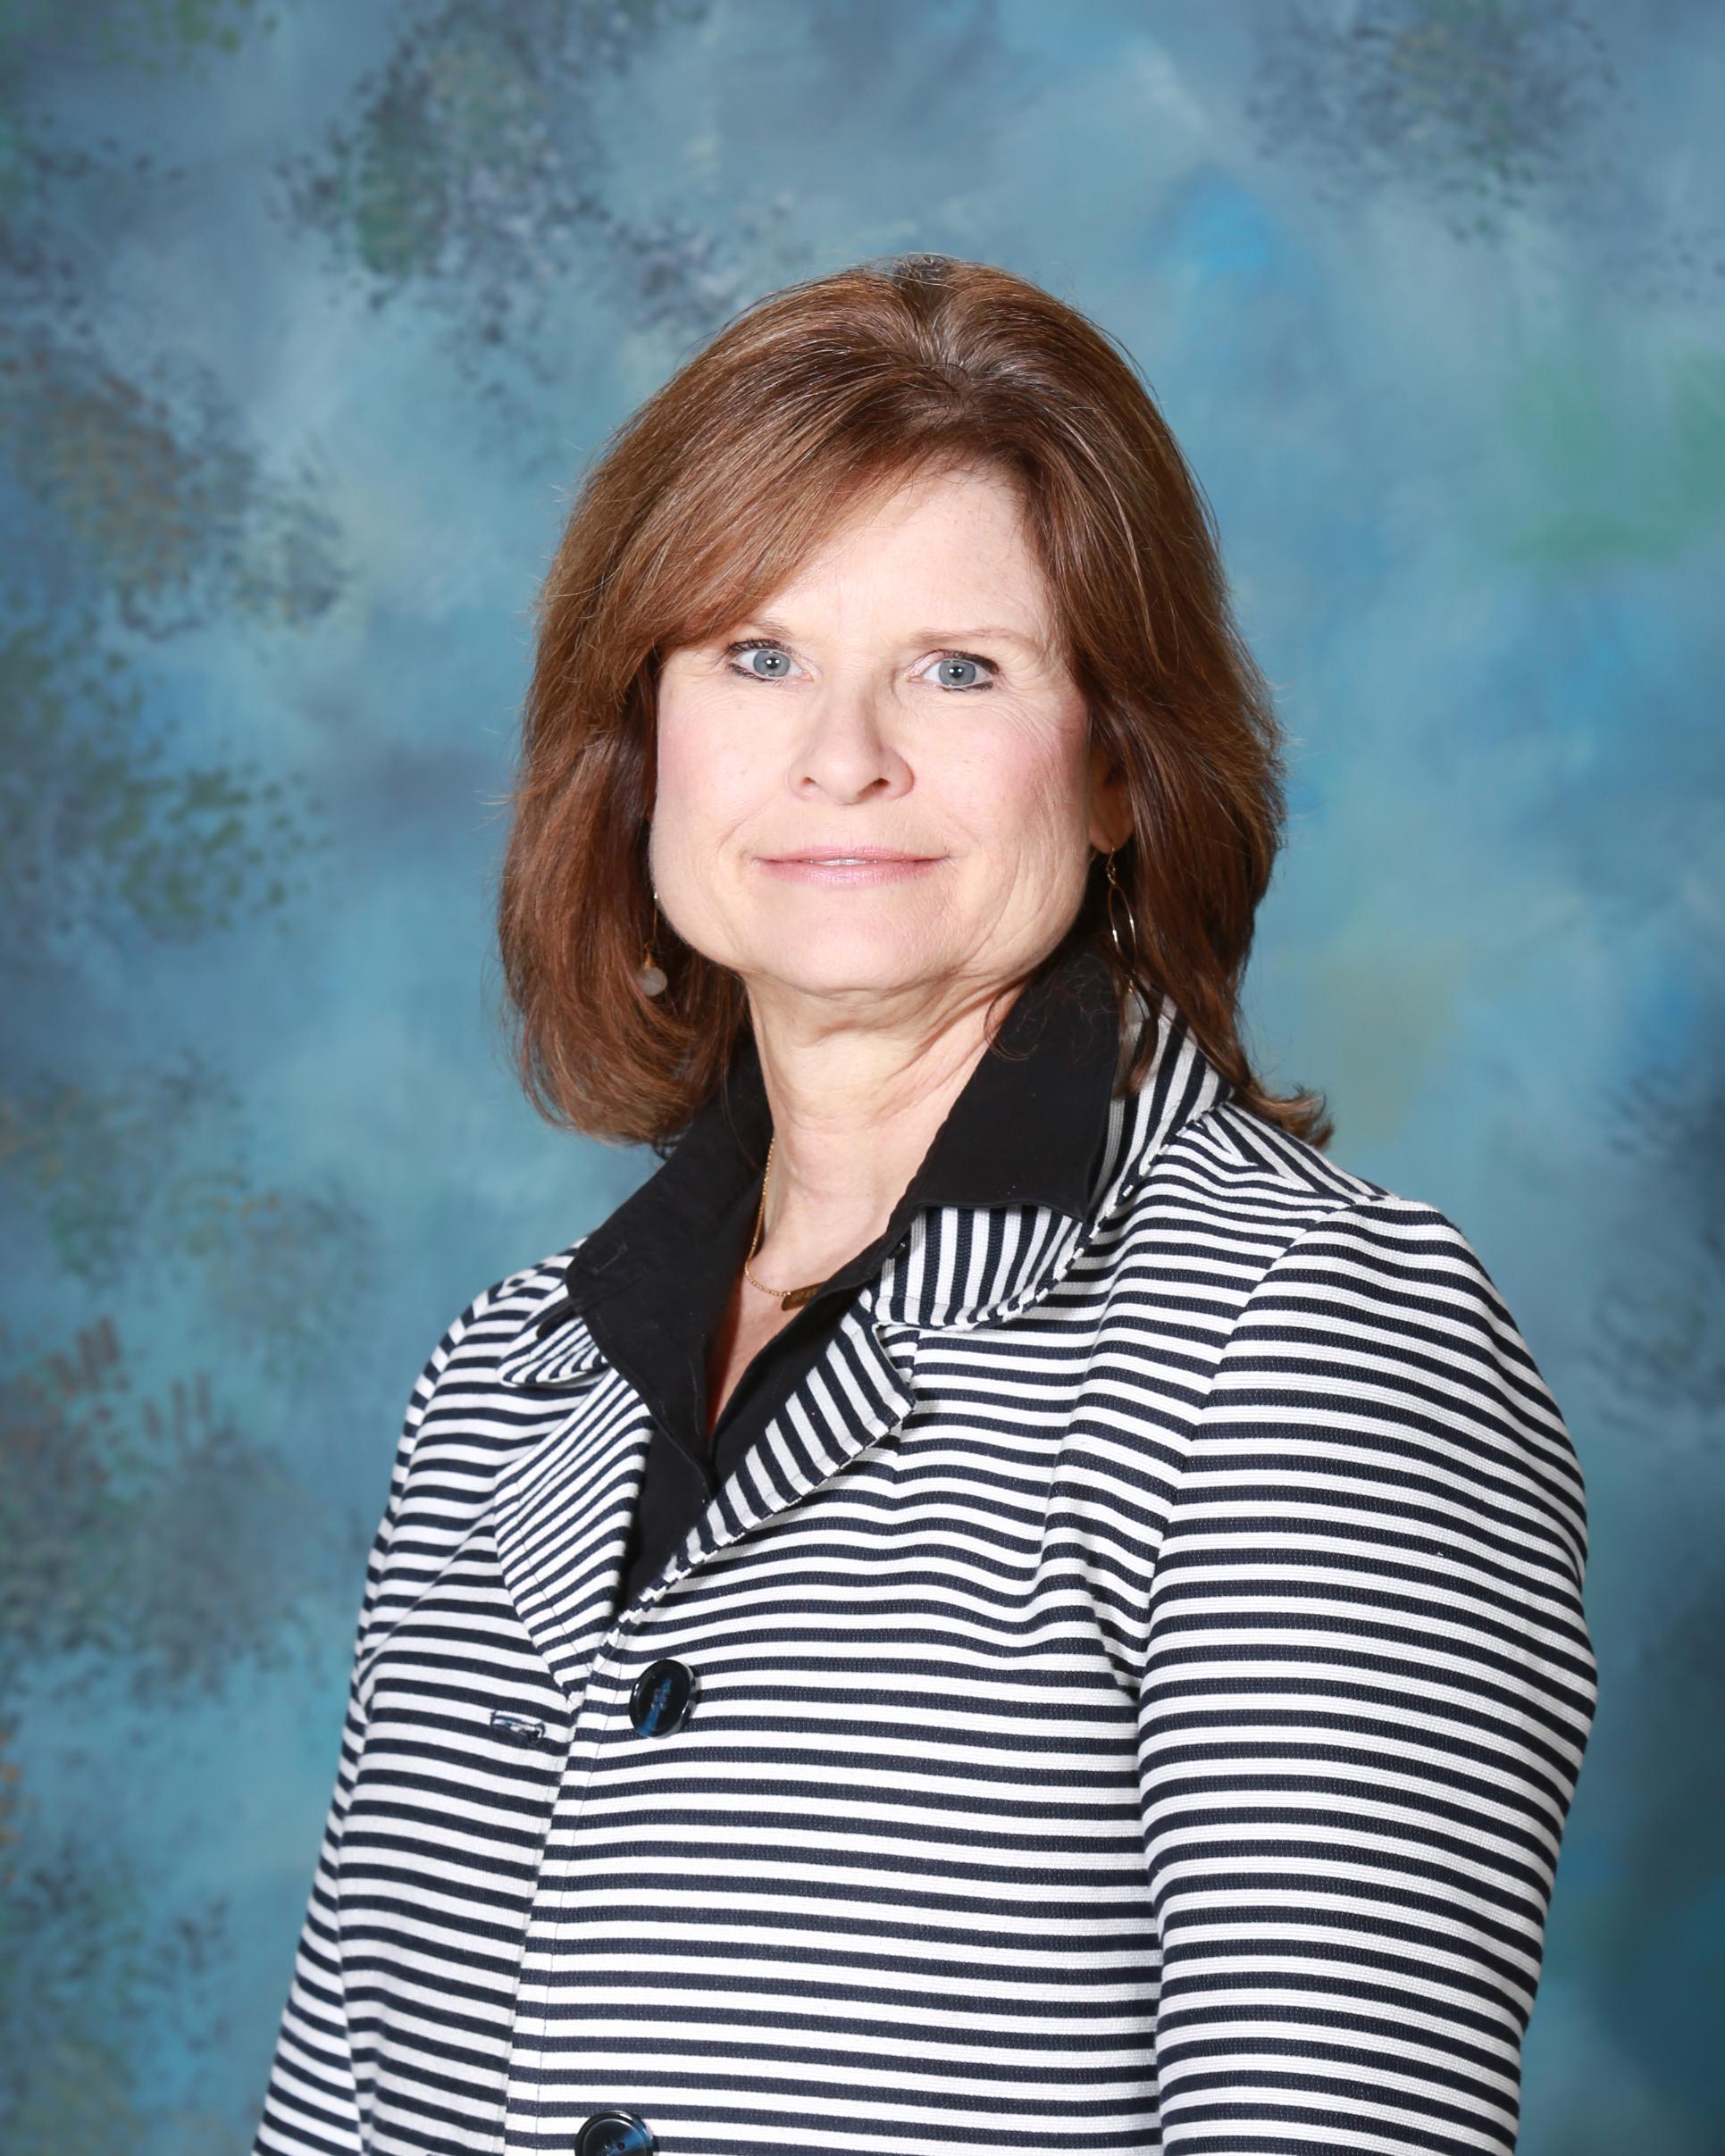 Tina Bowker